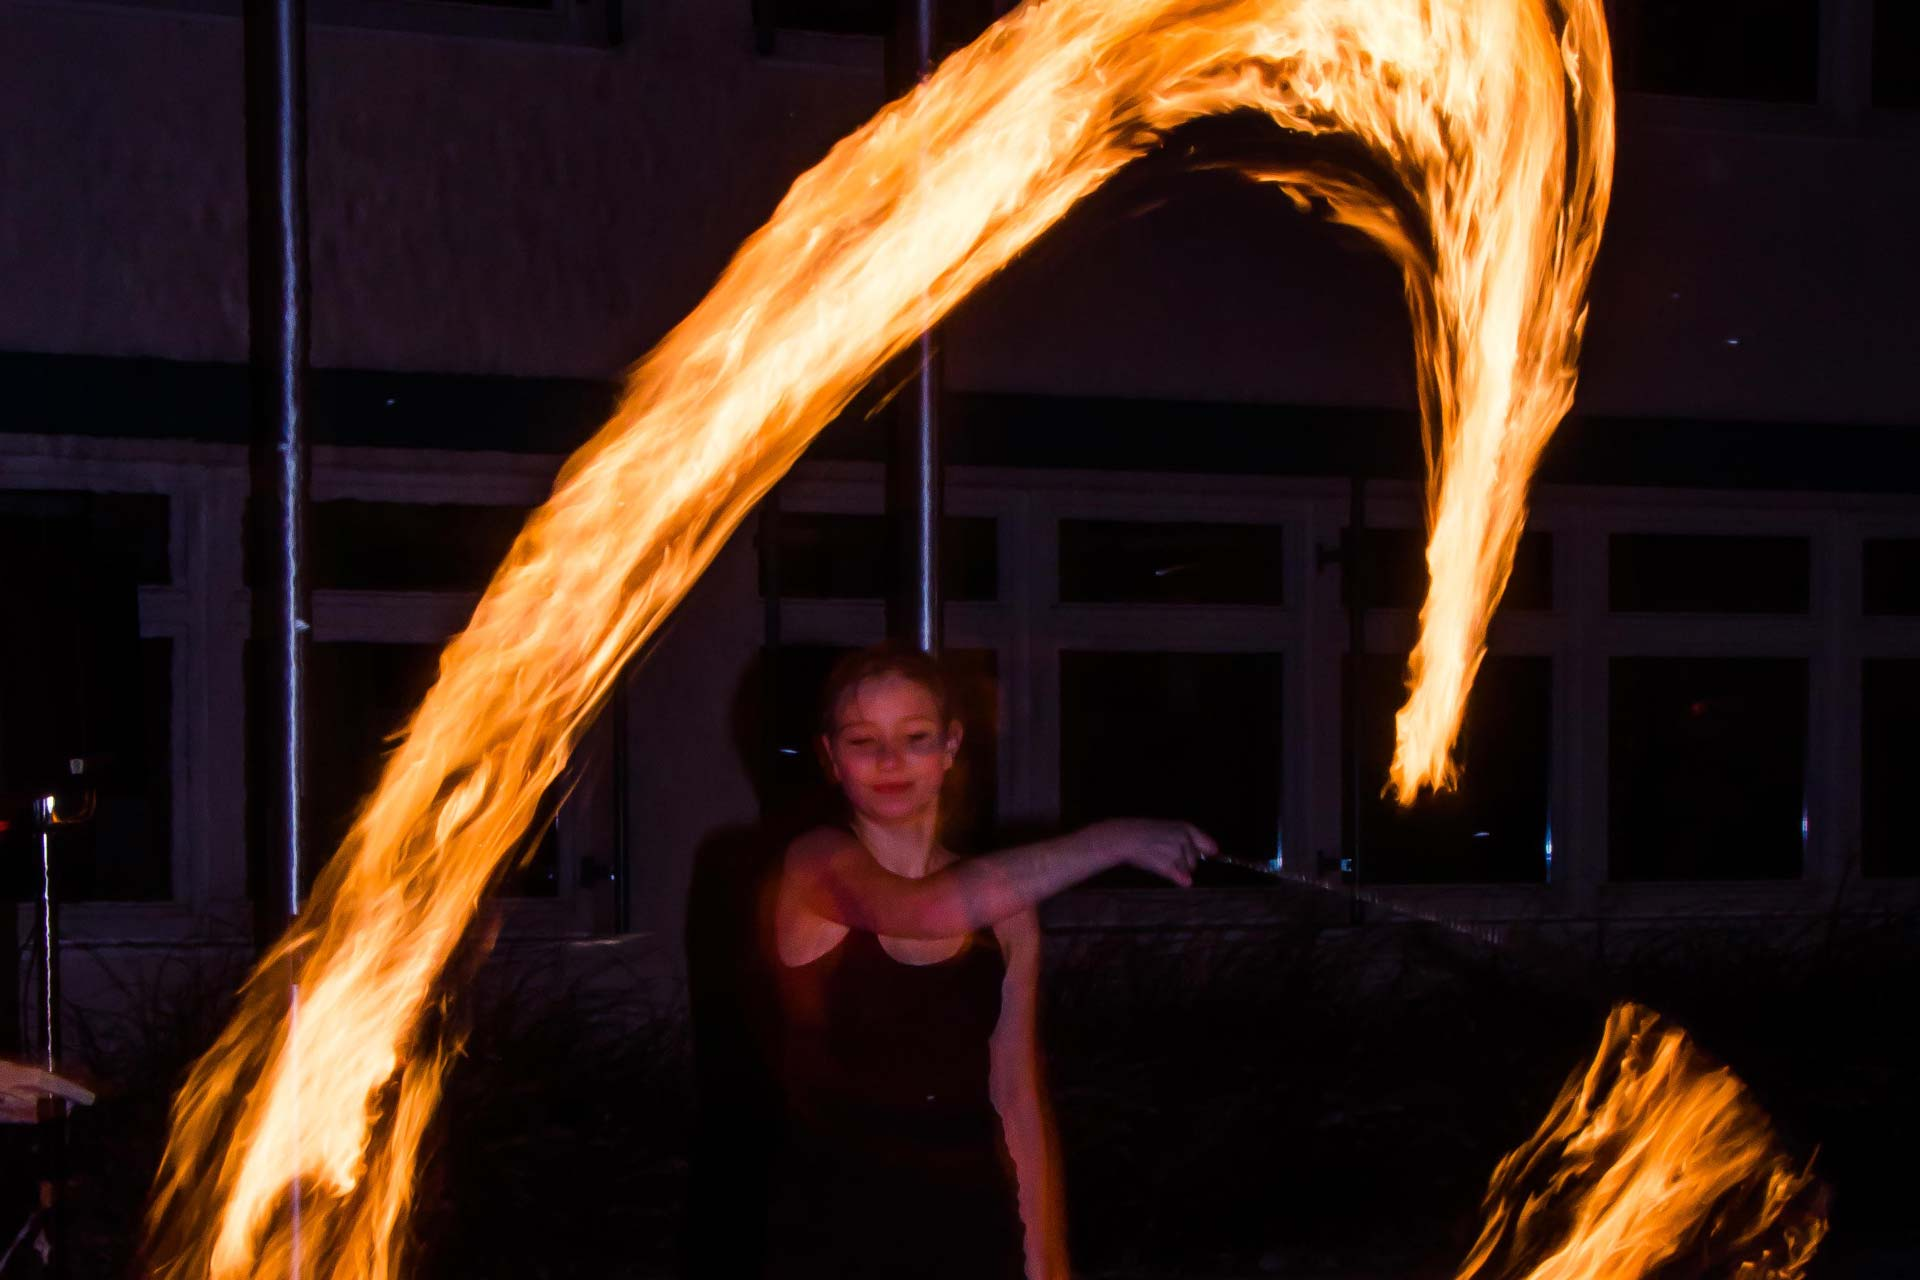 Nachtfotografie - Feuershow